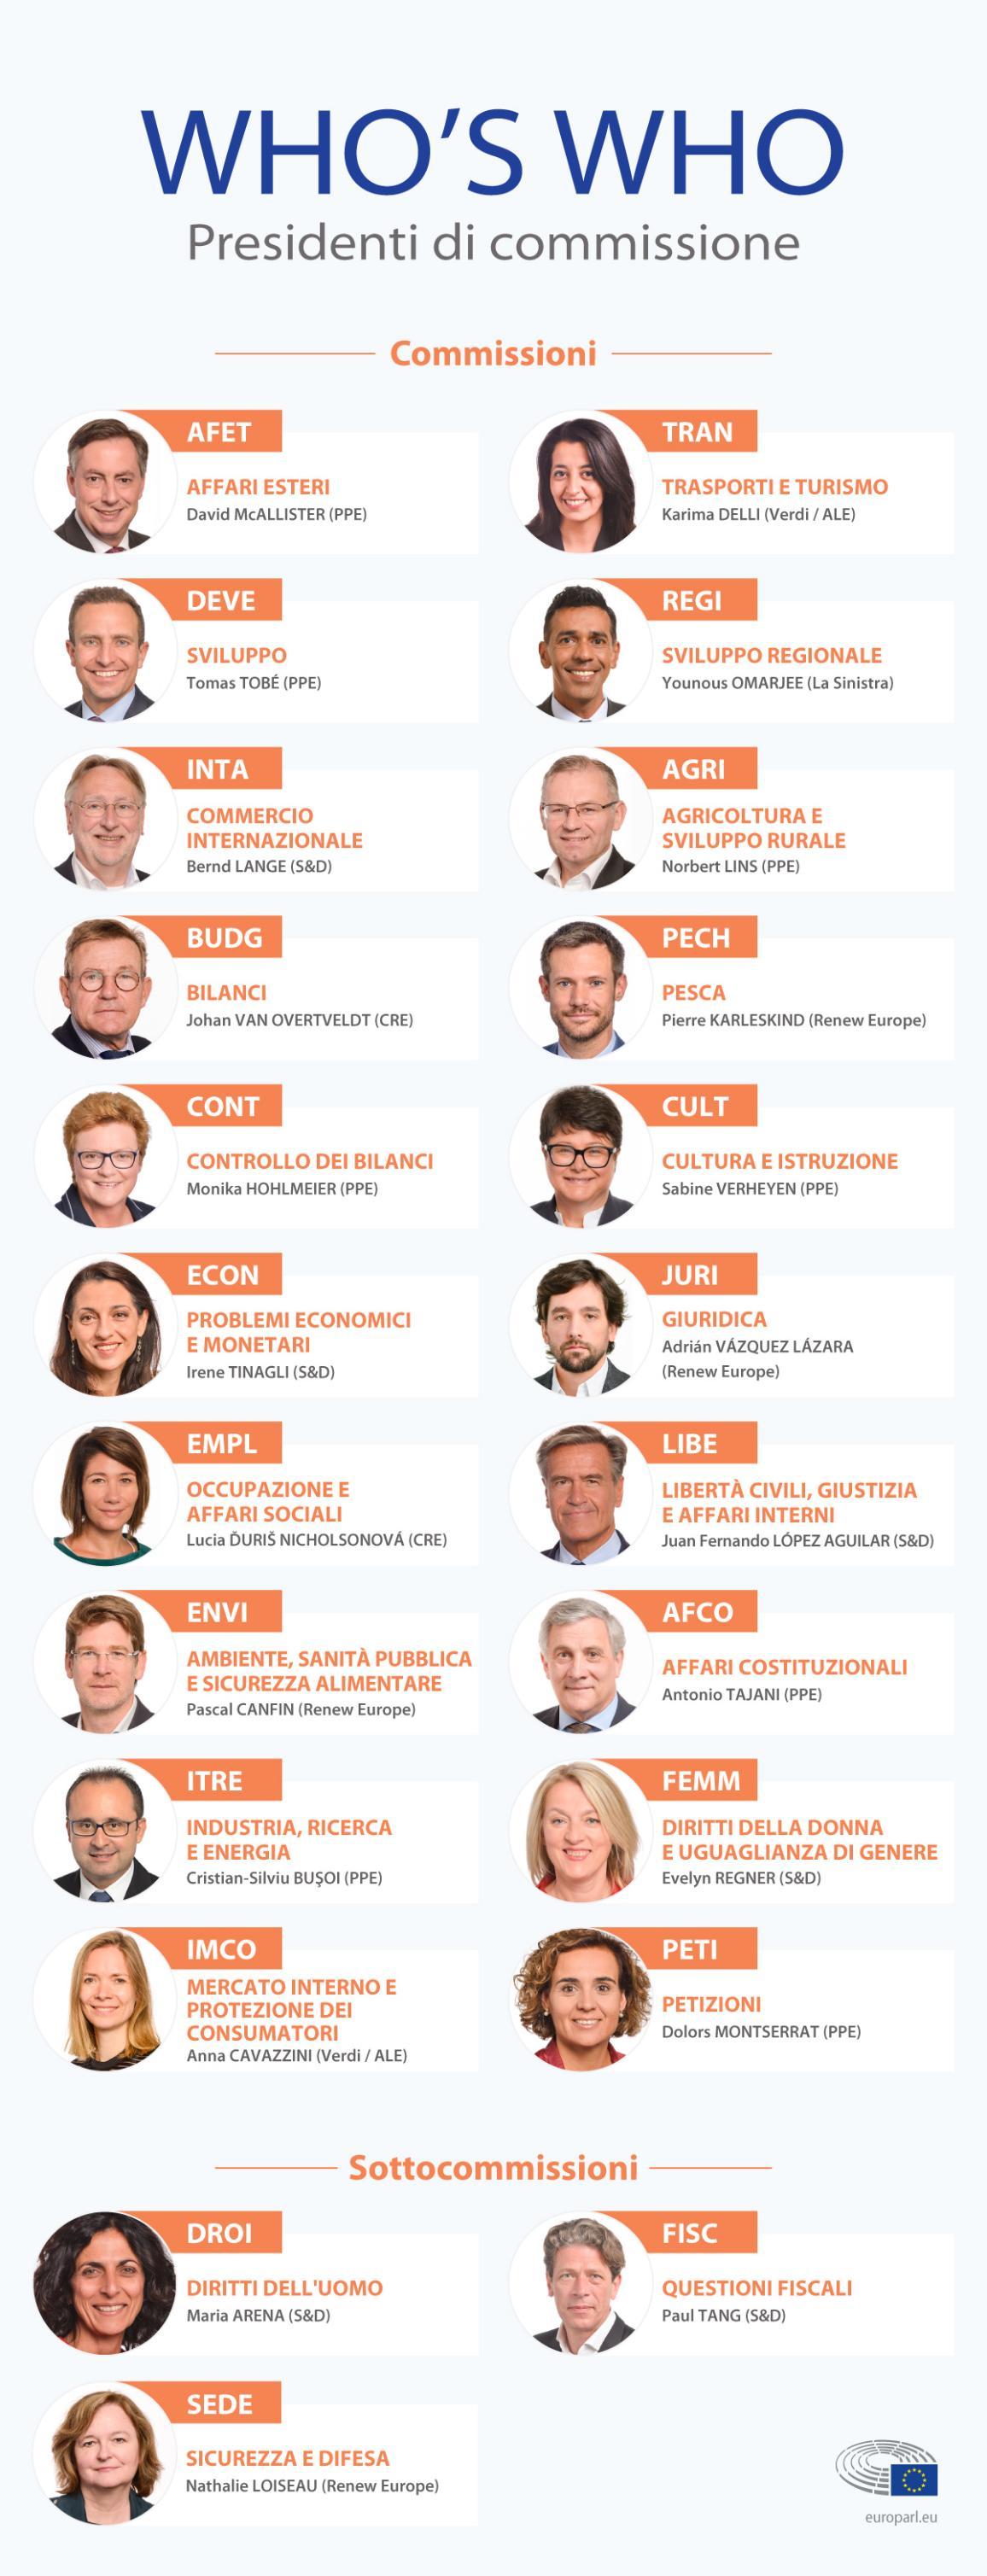 Chi sono i presidenti di commissione e sotto commissione del Parlamento europeo.